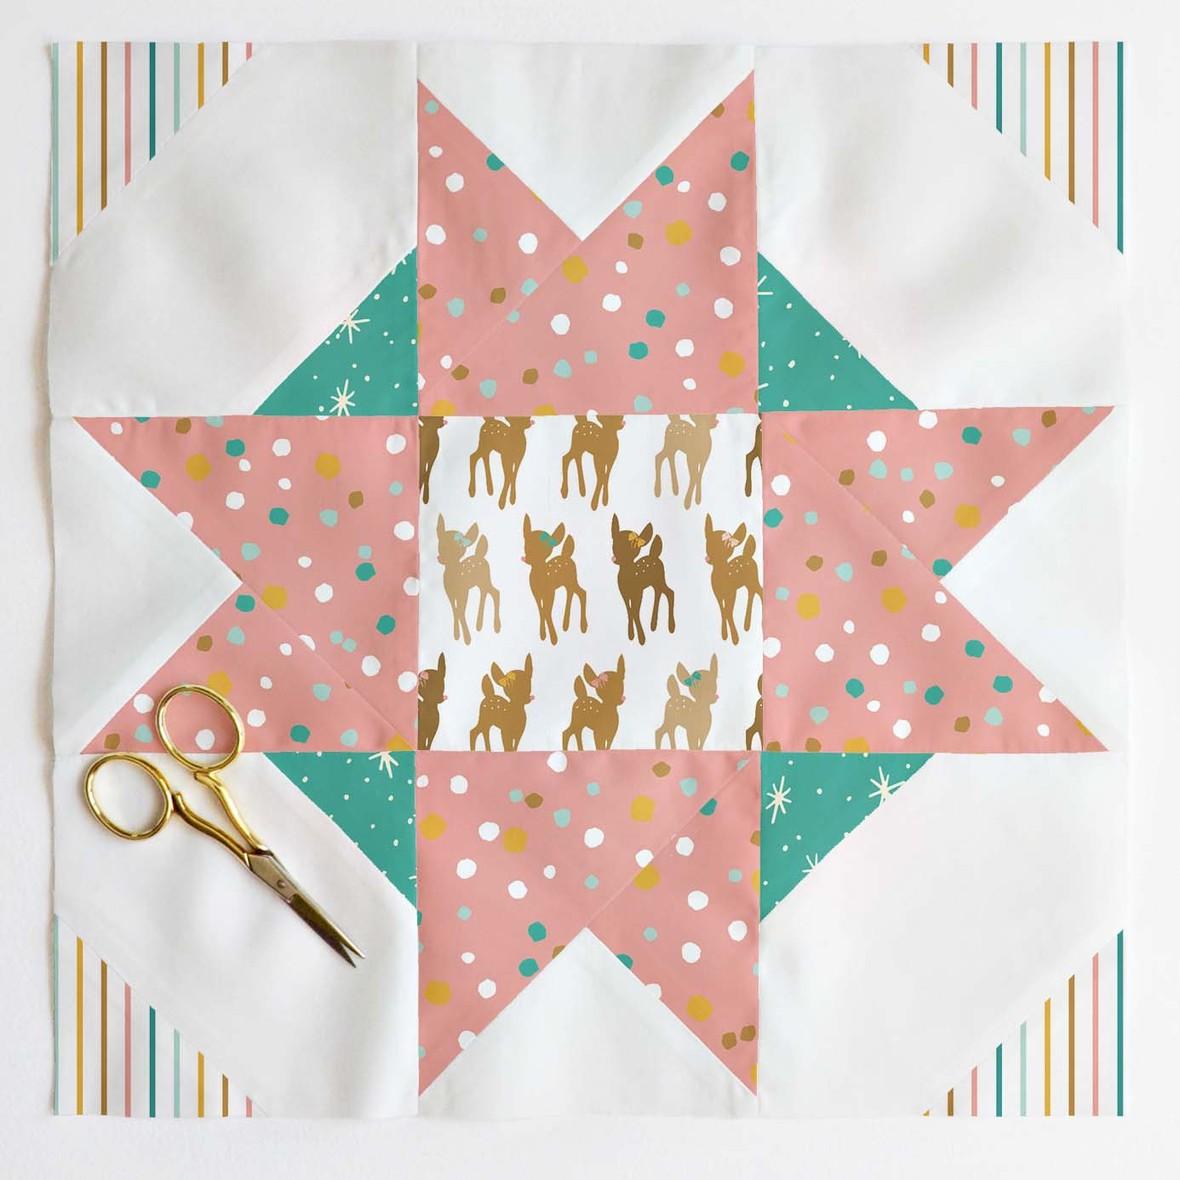 Compass Star Quilt Block 2